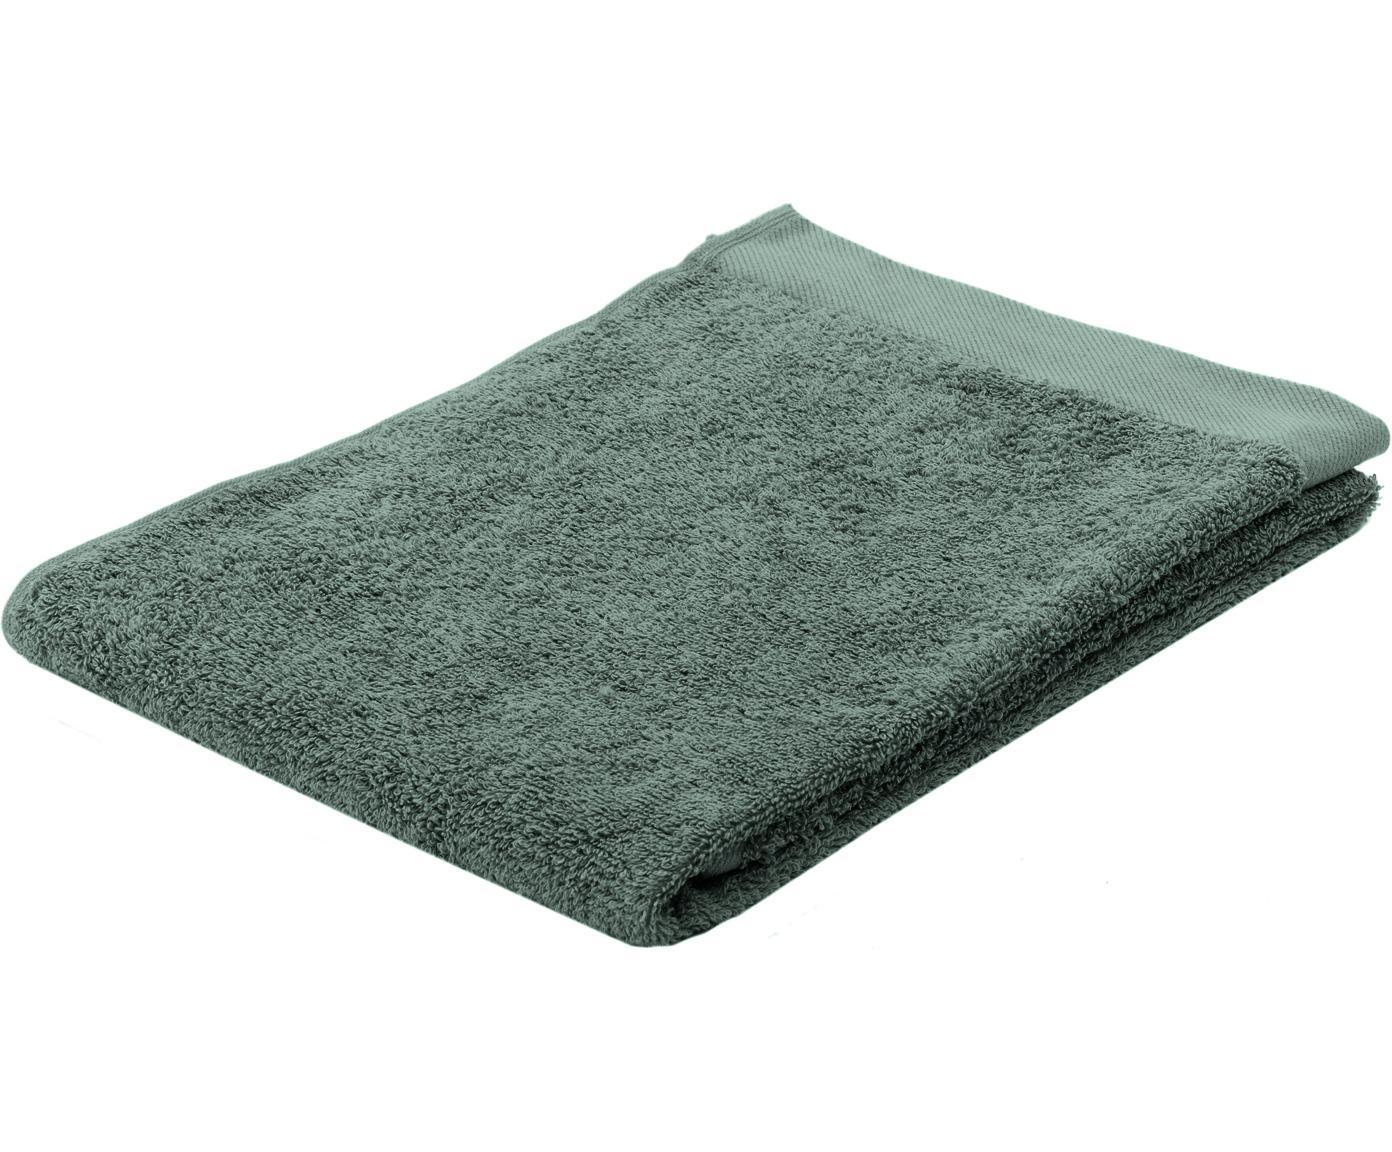 Handdoek Blend van gerecycled katoenmix, Groen, Handdoek